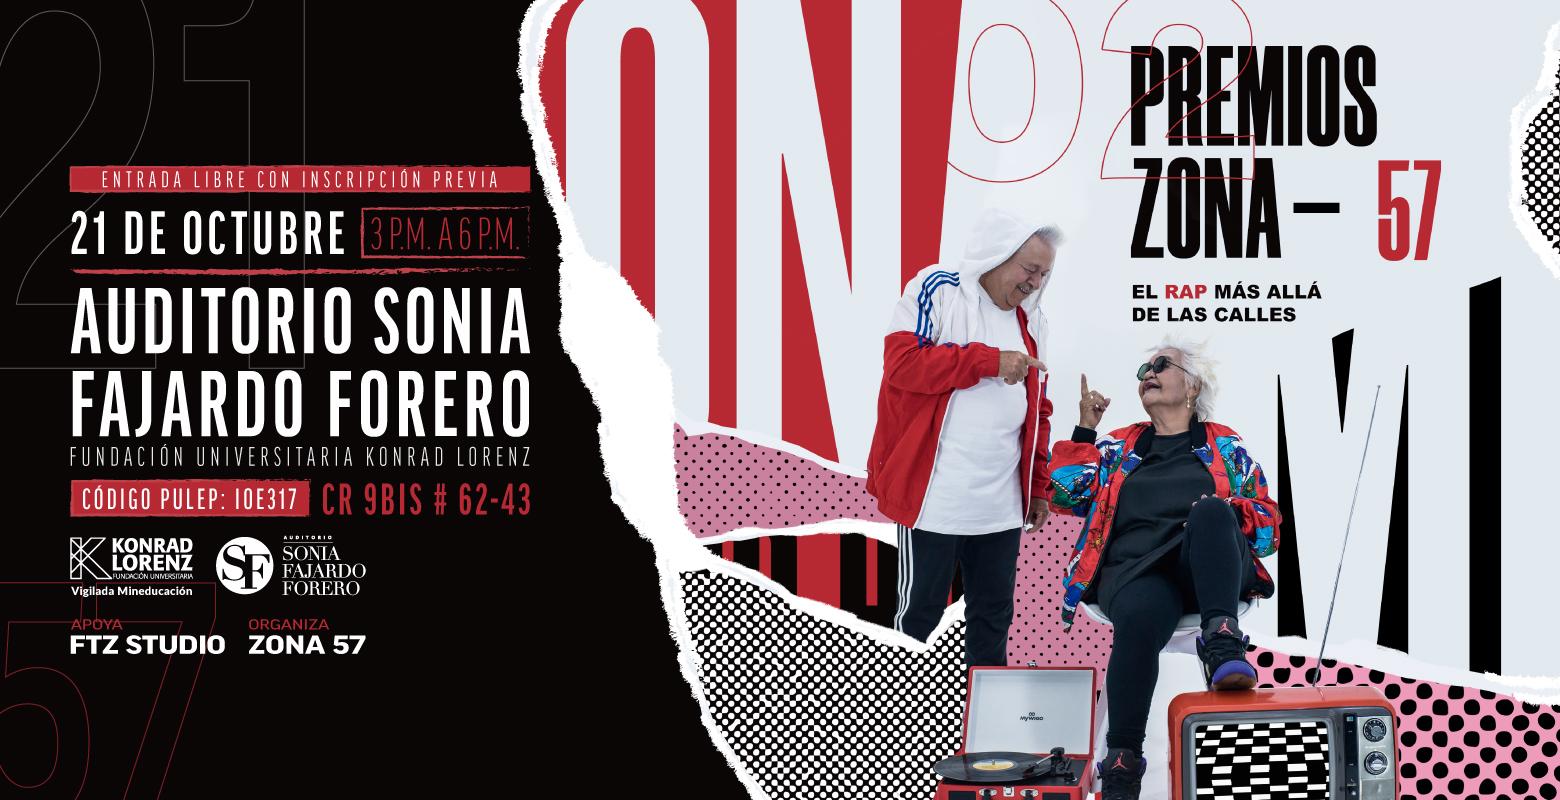 ¡Ya puedes votar por tus artistas favoritos en los Premios Zona 57!